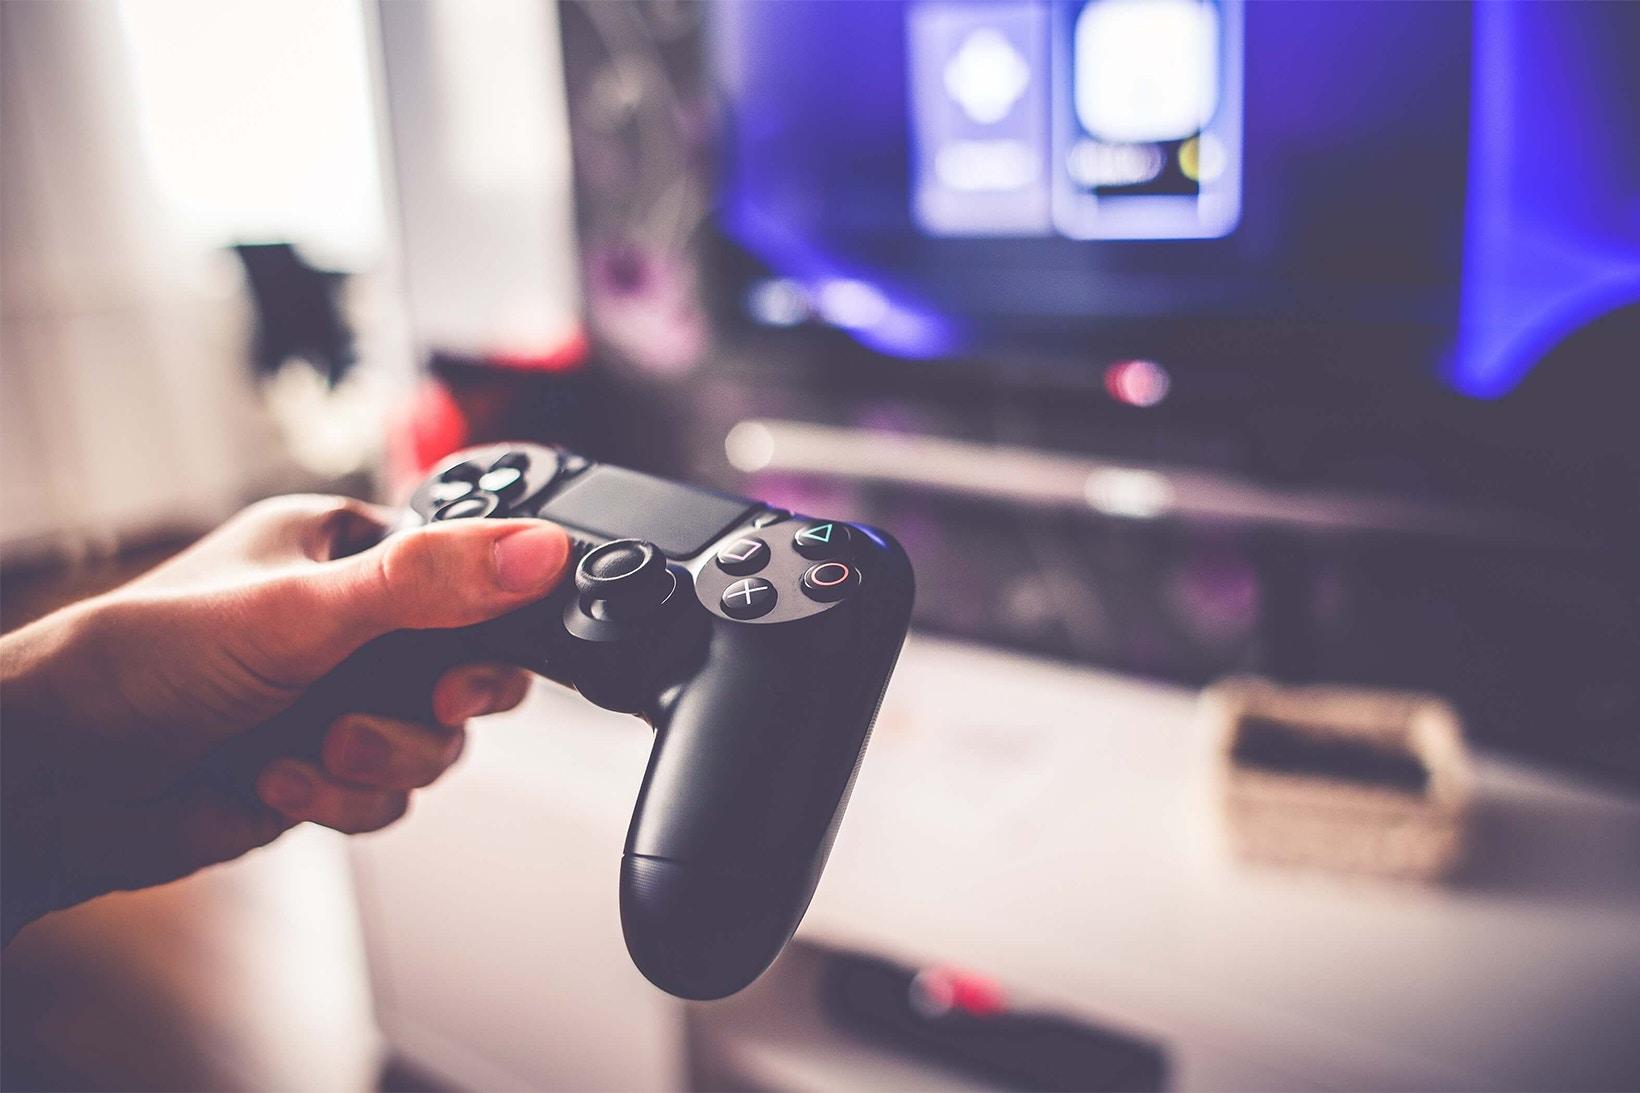 playstation-5-ps4-backward-compatibility-1.jpg